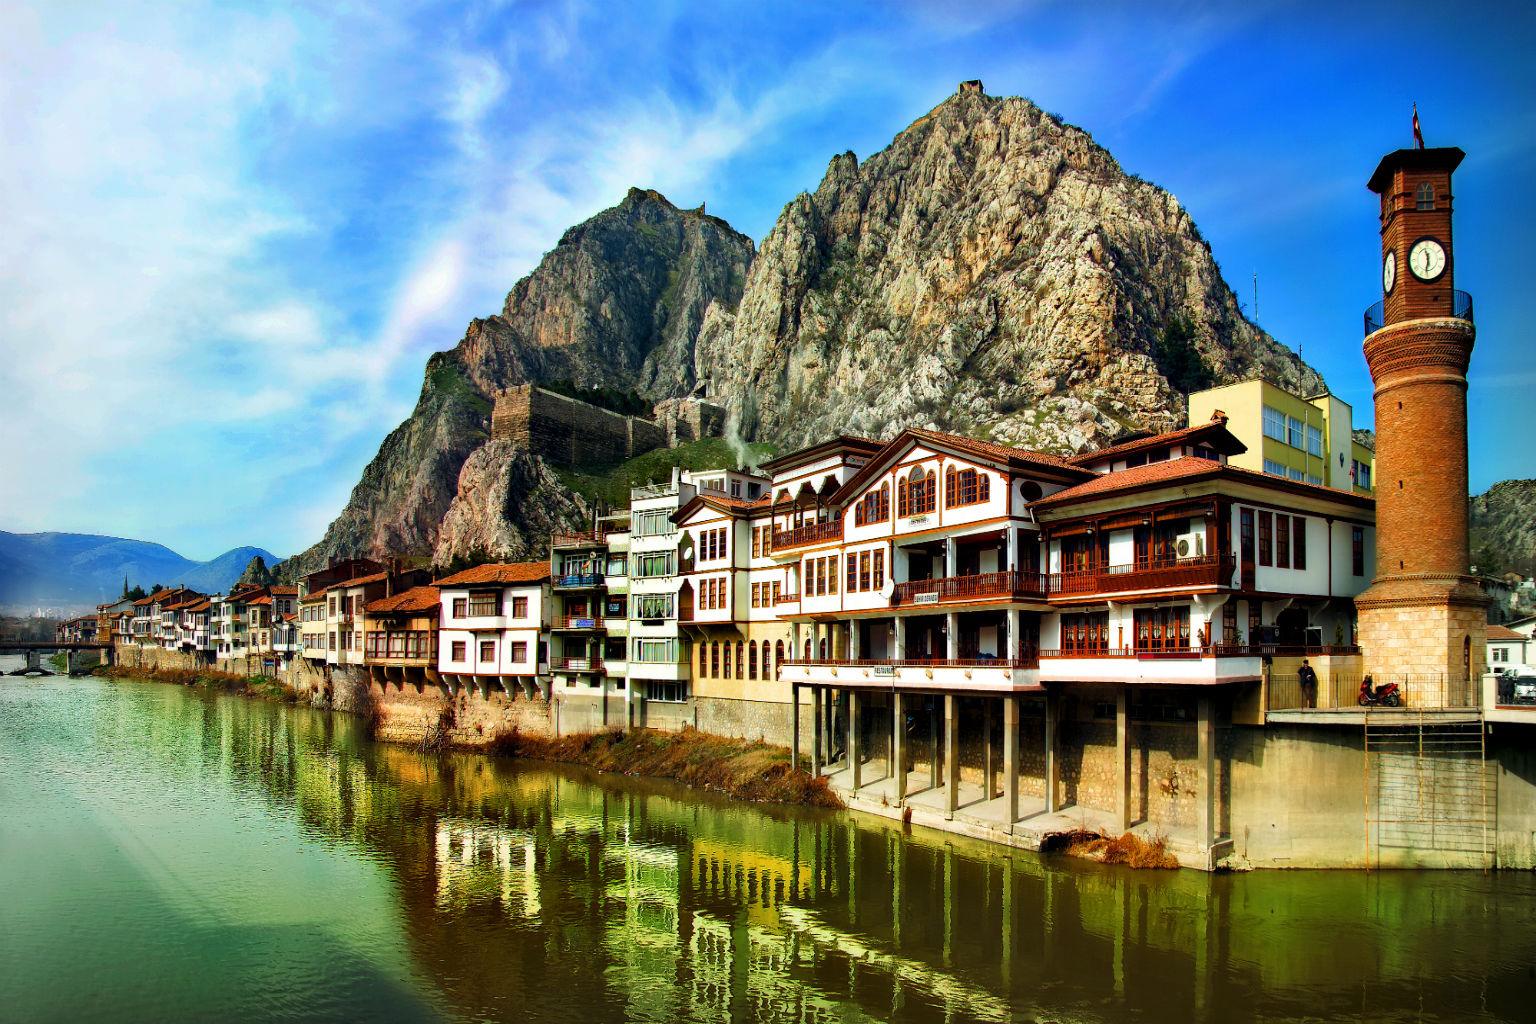 Antalya Çıkışlı Karadeniz Rüyası Ve Batum Turu